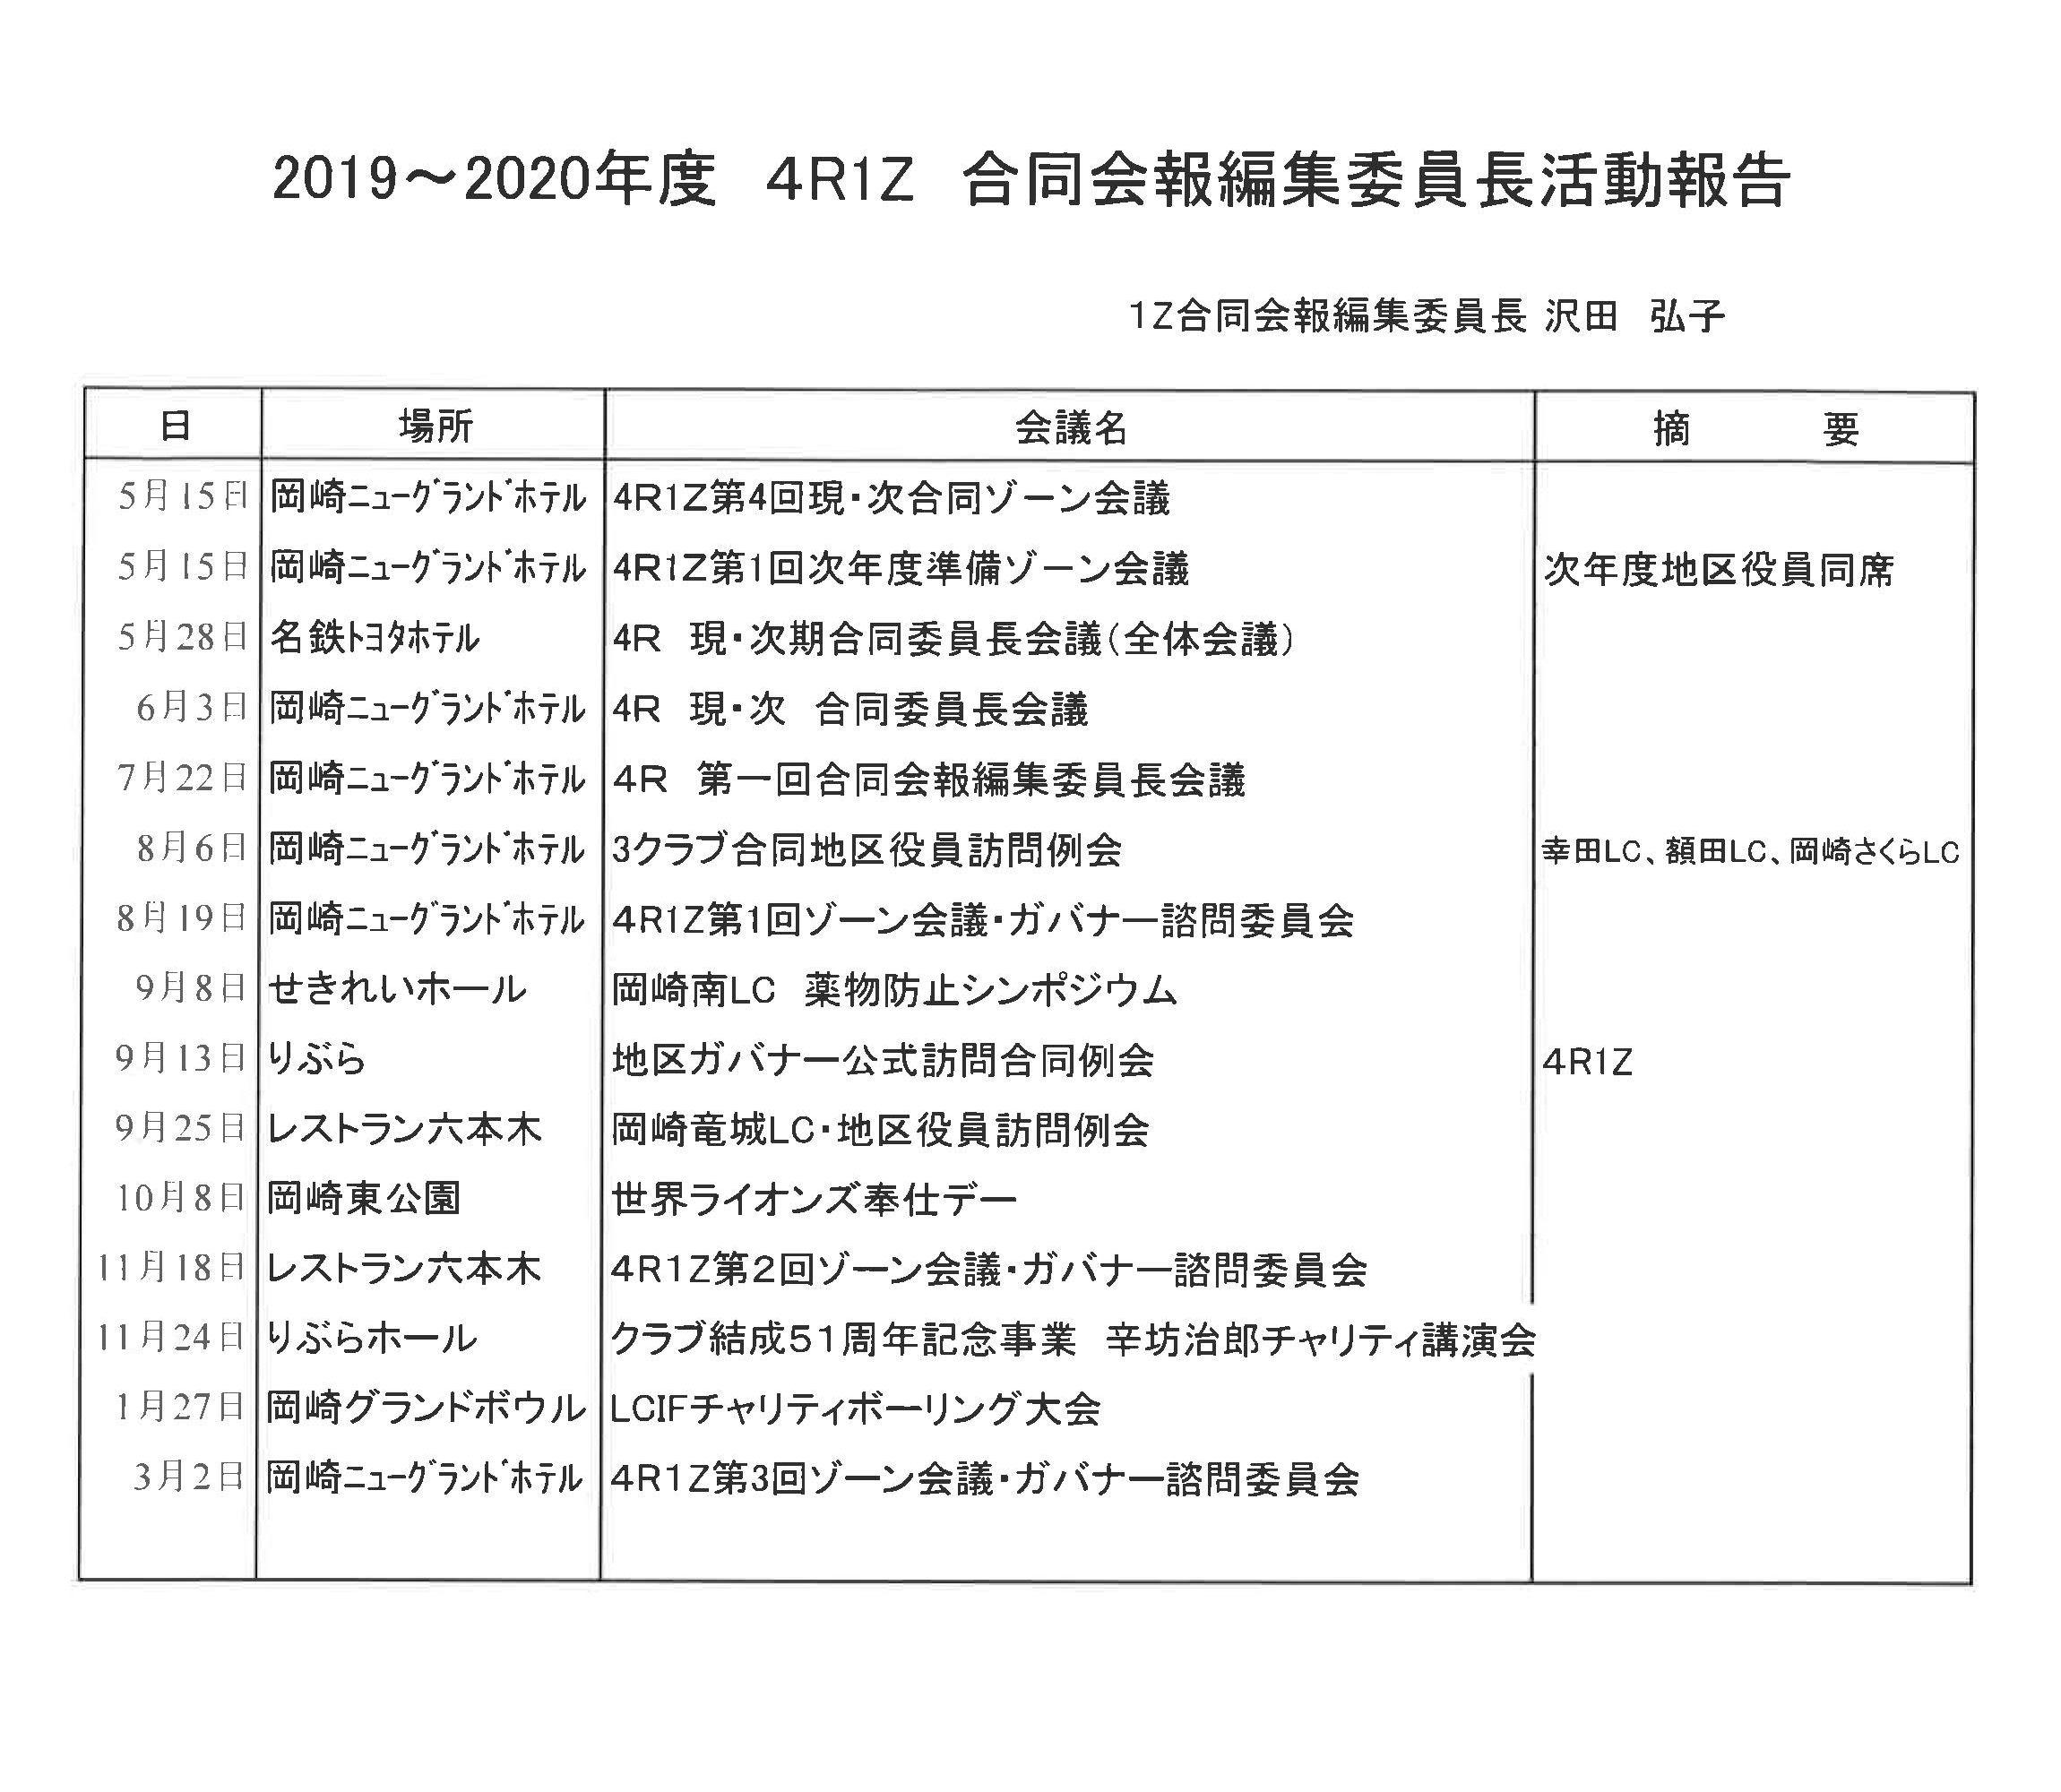 08 4R1Z合同会報編集委員長活動報告